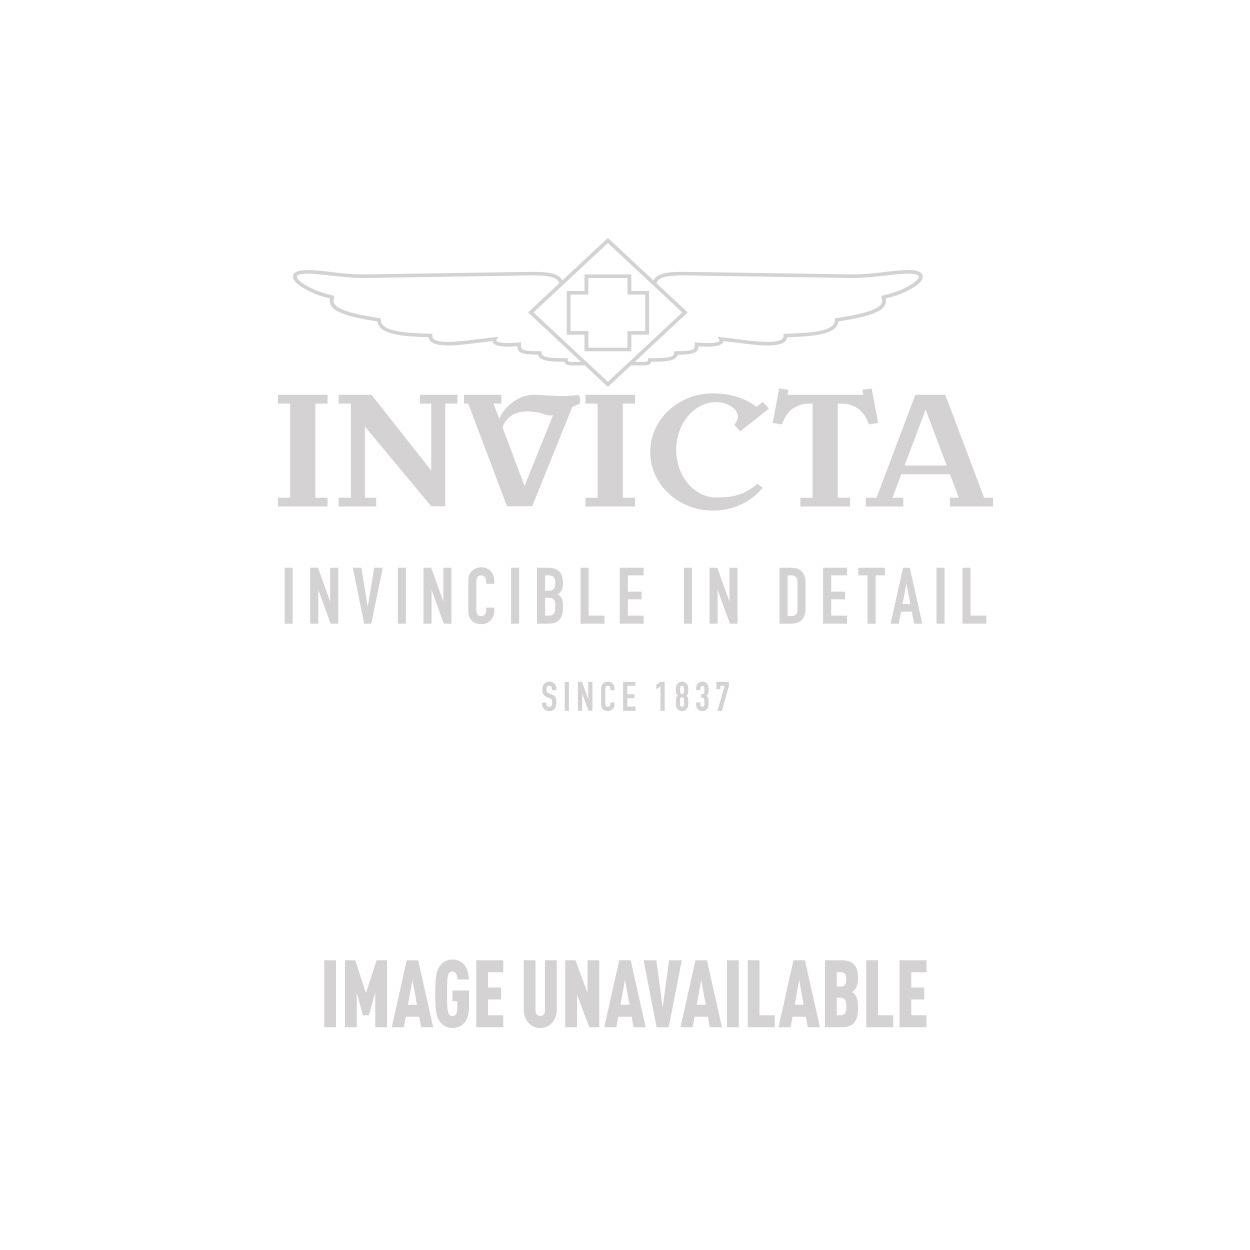 Invicta Model 28200